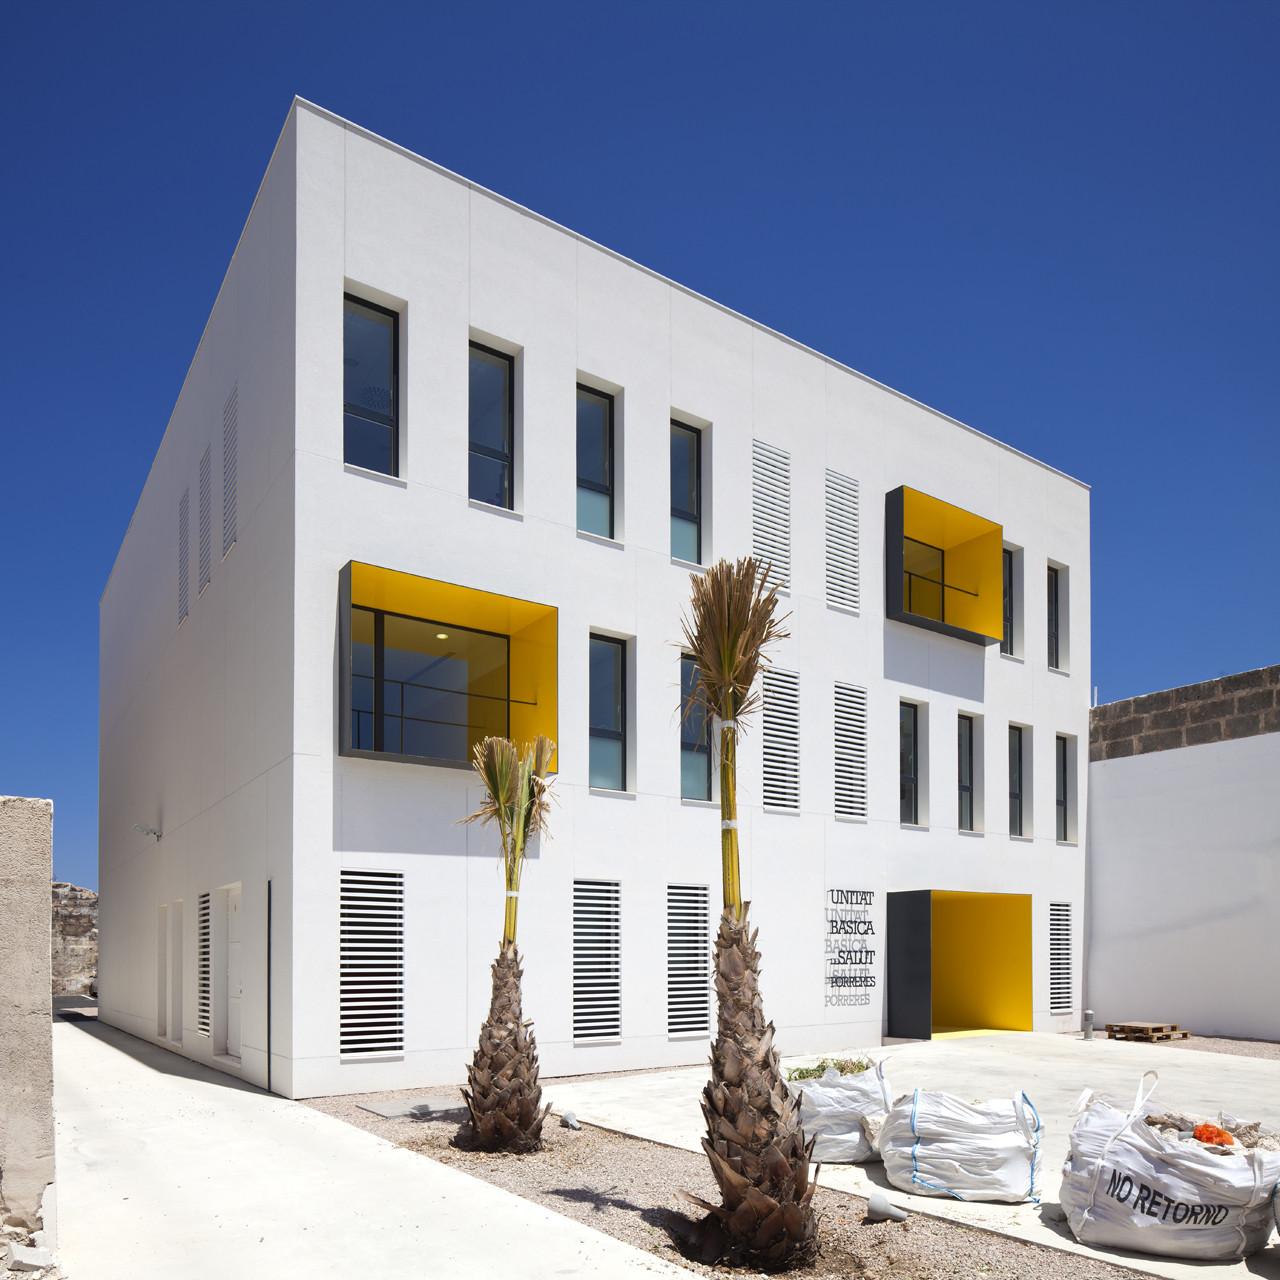 Centro de Salud de Porreres / MACA Estudio de Arquitectura, © Jaime Sicilia